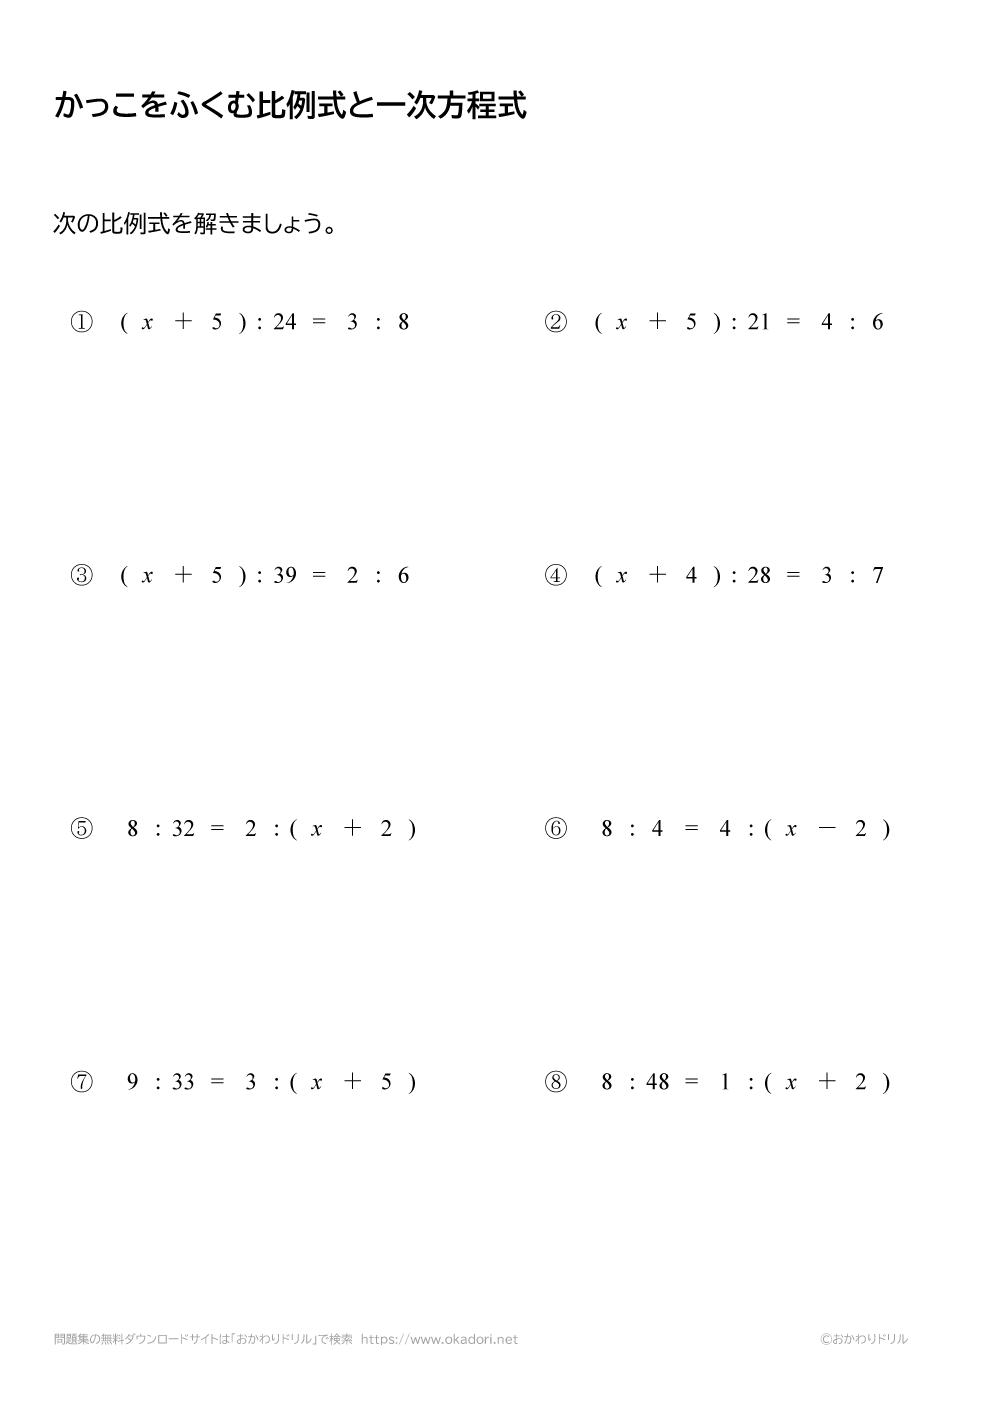 かっこを含む比例式と一次方程式3